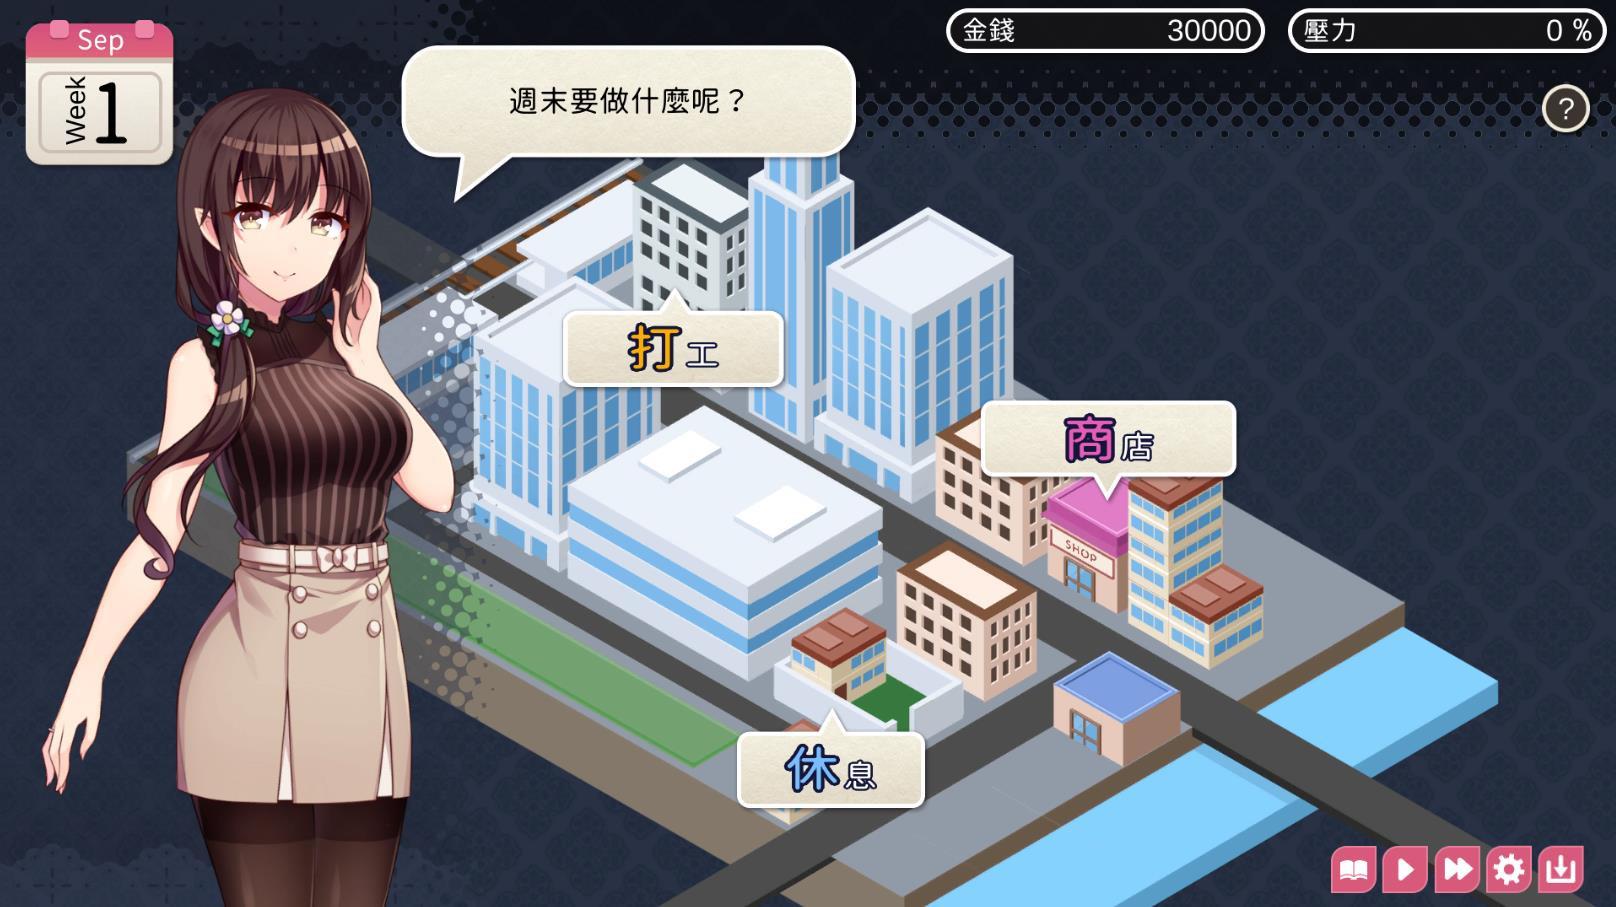 國產18禁遊戲《魅魔新妻》登上Steam!單手讓老婆幫你紓壓排毒!